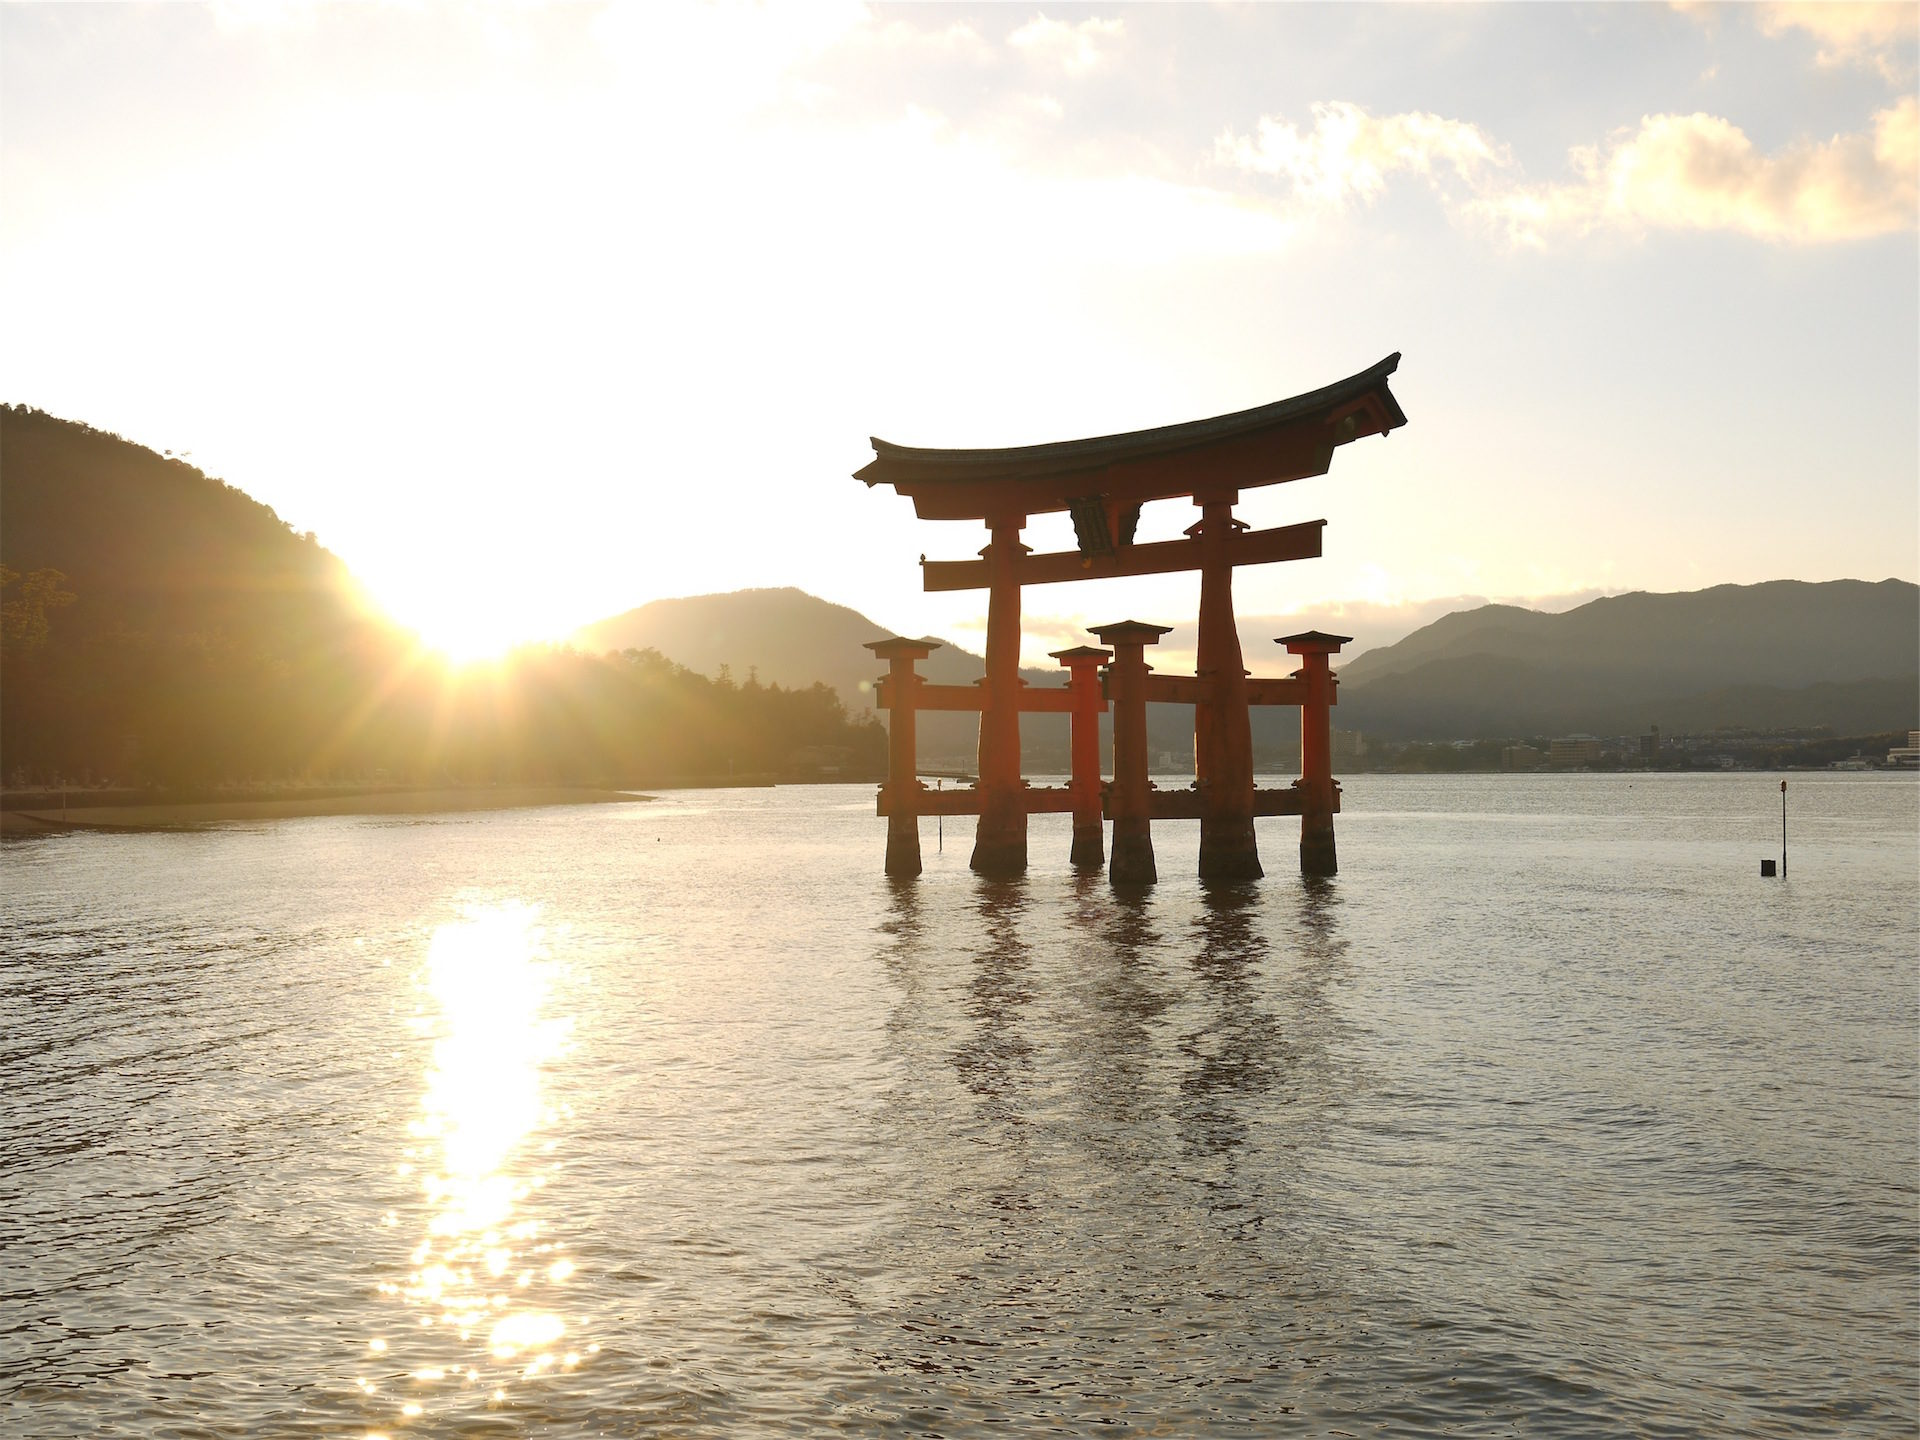 Lake, sculpture, Japon, Sun, en hausse - Fonds d'écran HD - Professor-falken.com